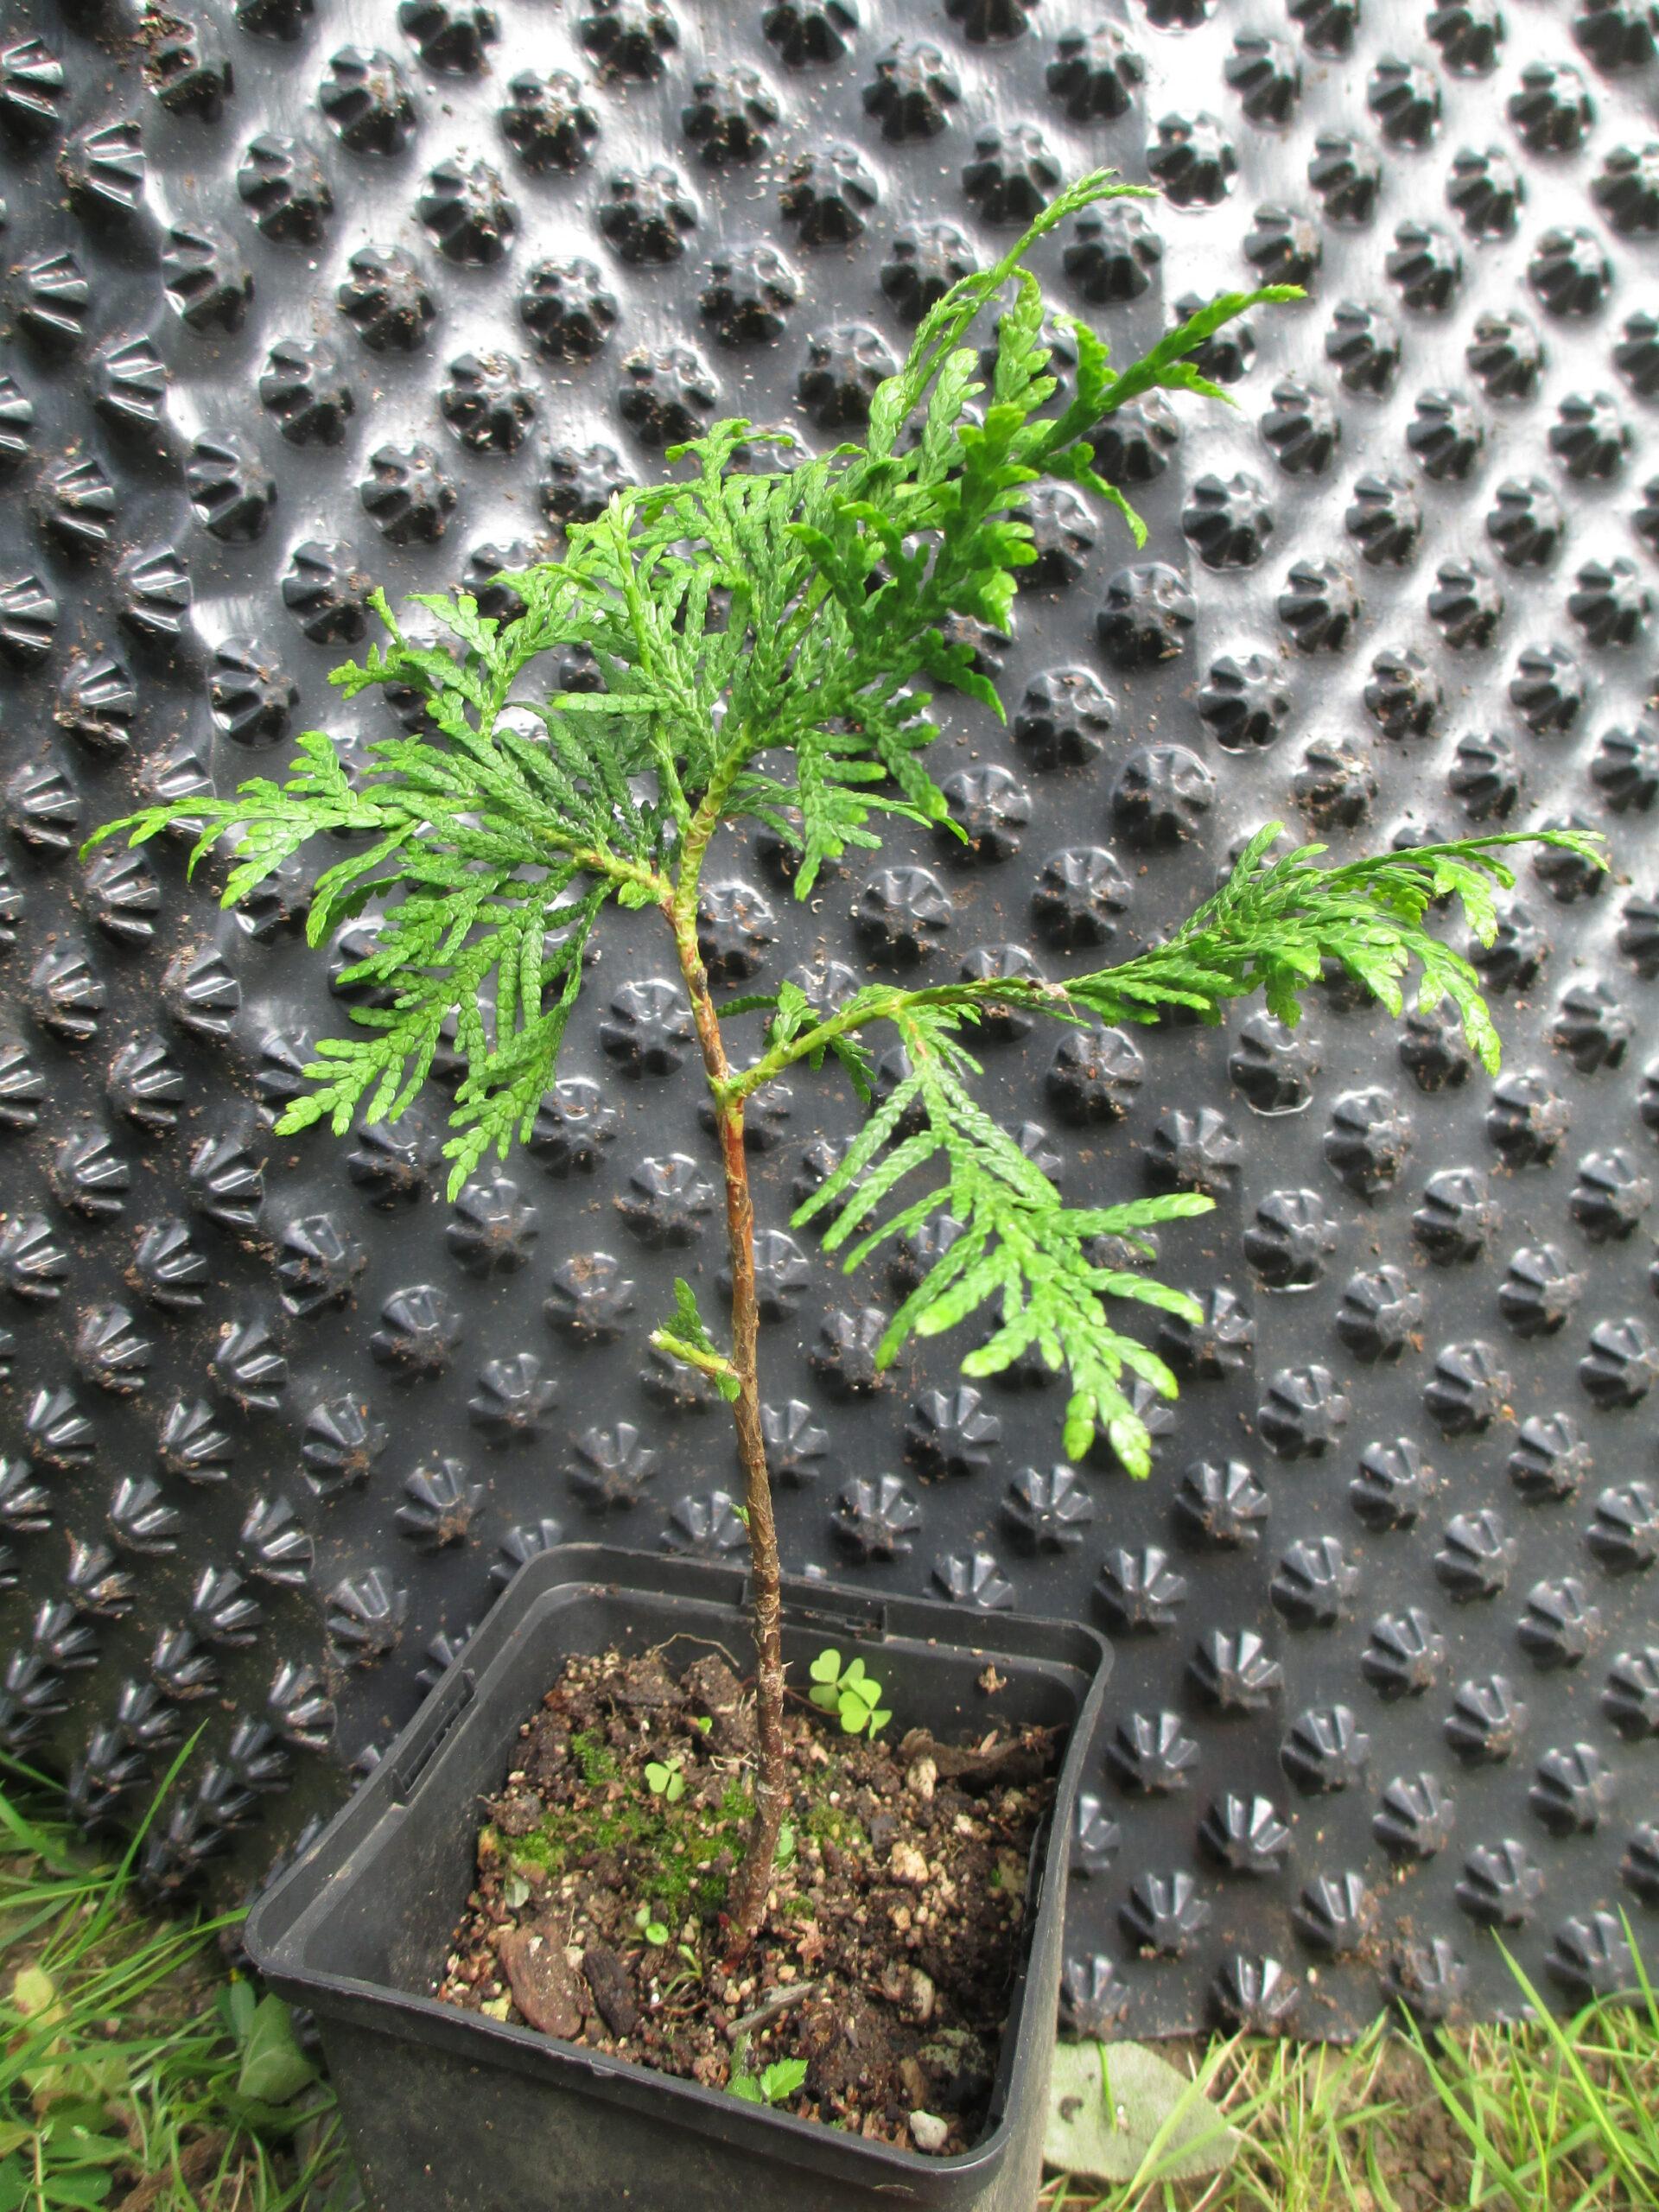 Thuja_Pre-Bonsai_Jungpflanze_Sämling_Jungbaum_auch f. Bonsai